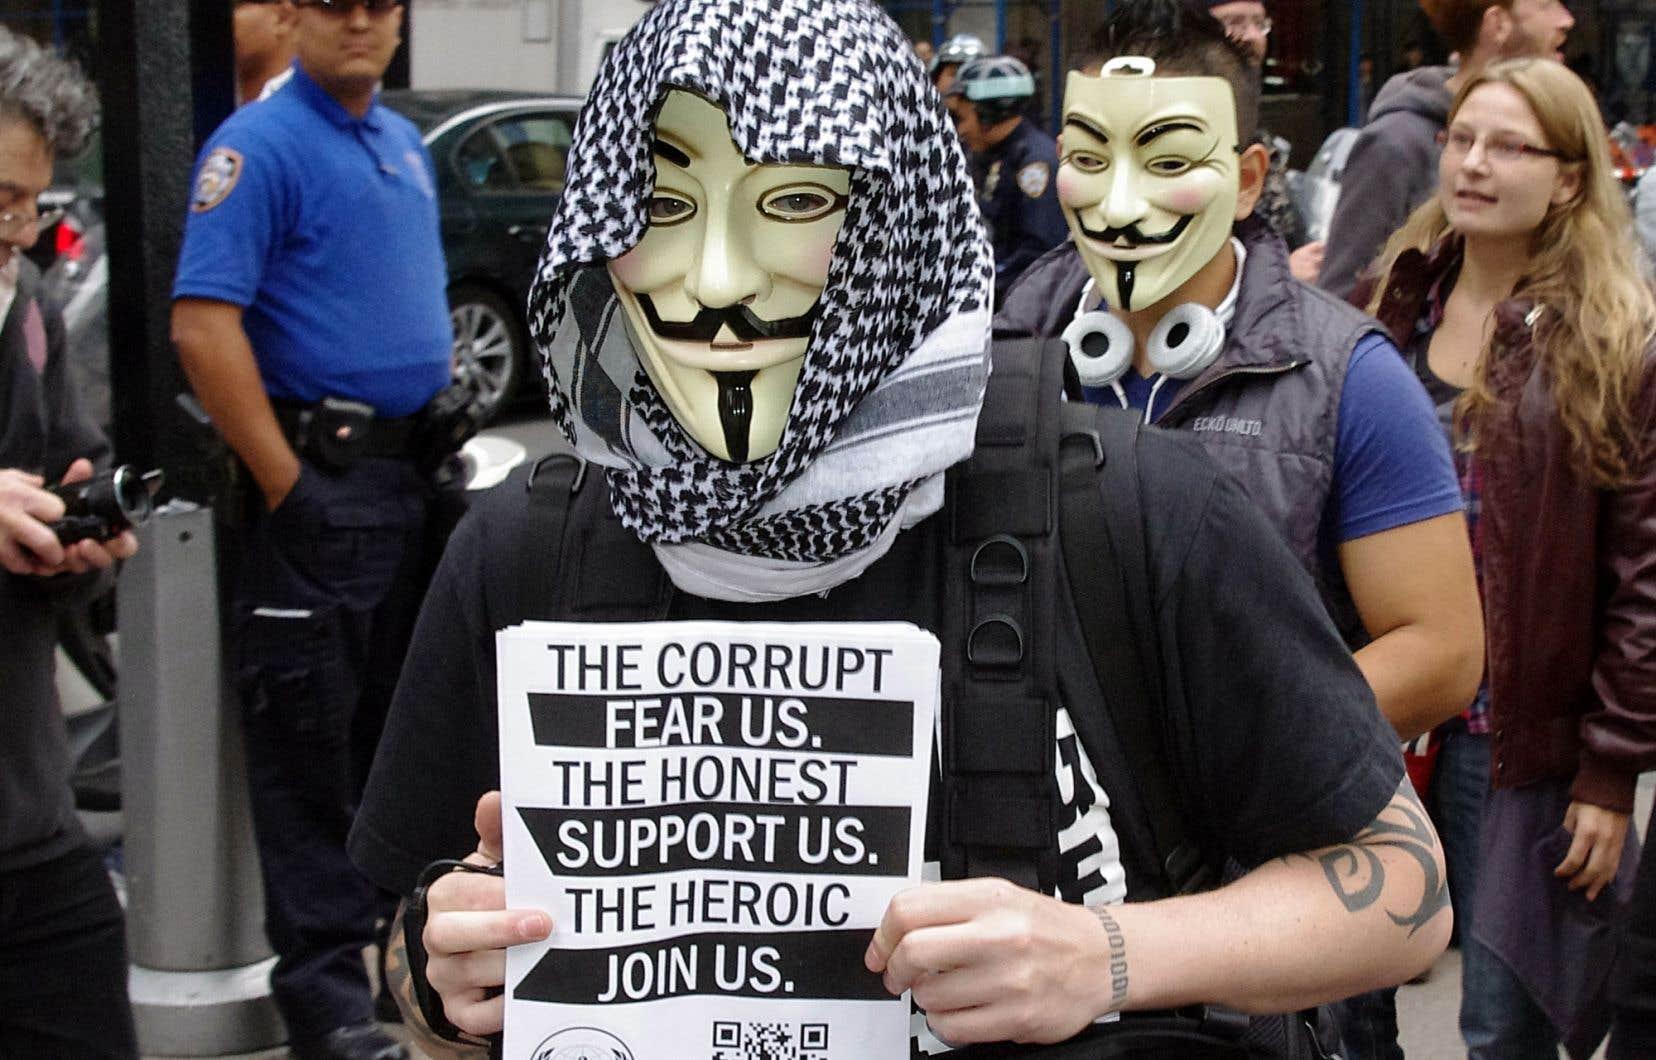 Les hacktivistes d'Anonymus suscitent la peur et sont assimilés à des terroristes.